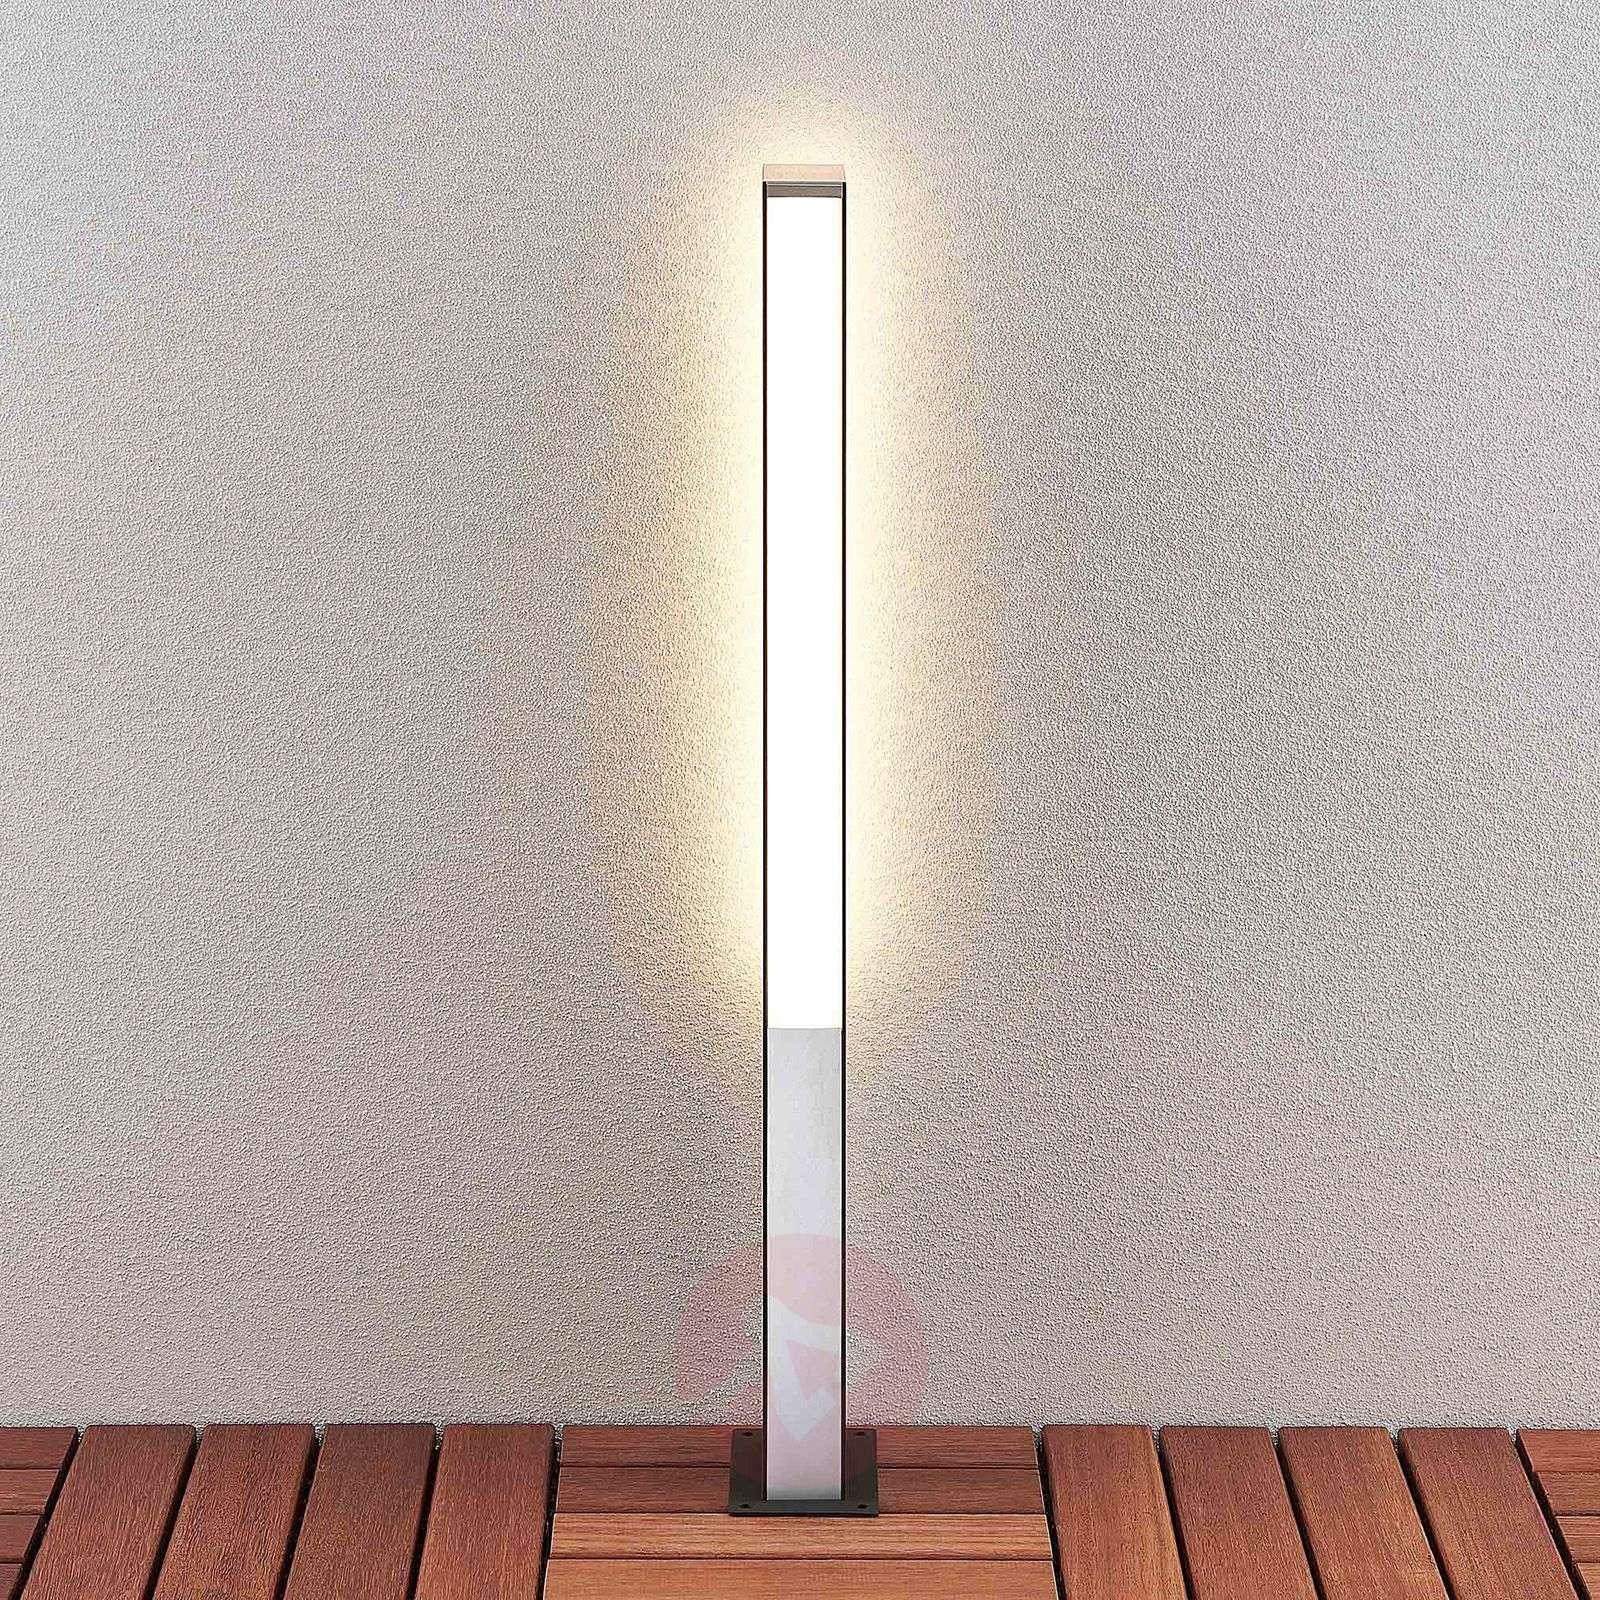 Lucande Aegisa-LED-pylväsvalaisin, 80 cm-9619184-02